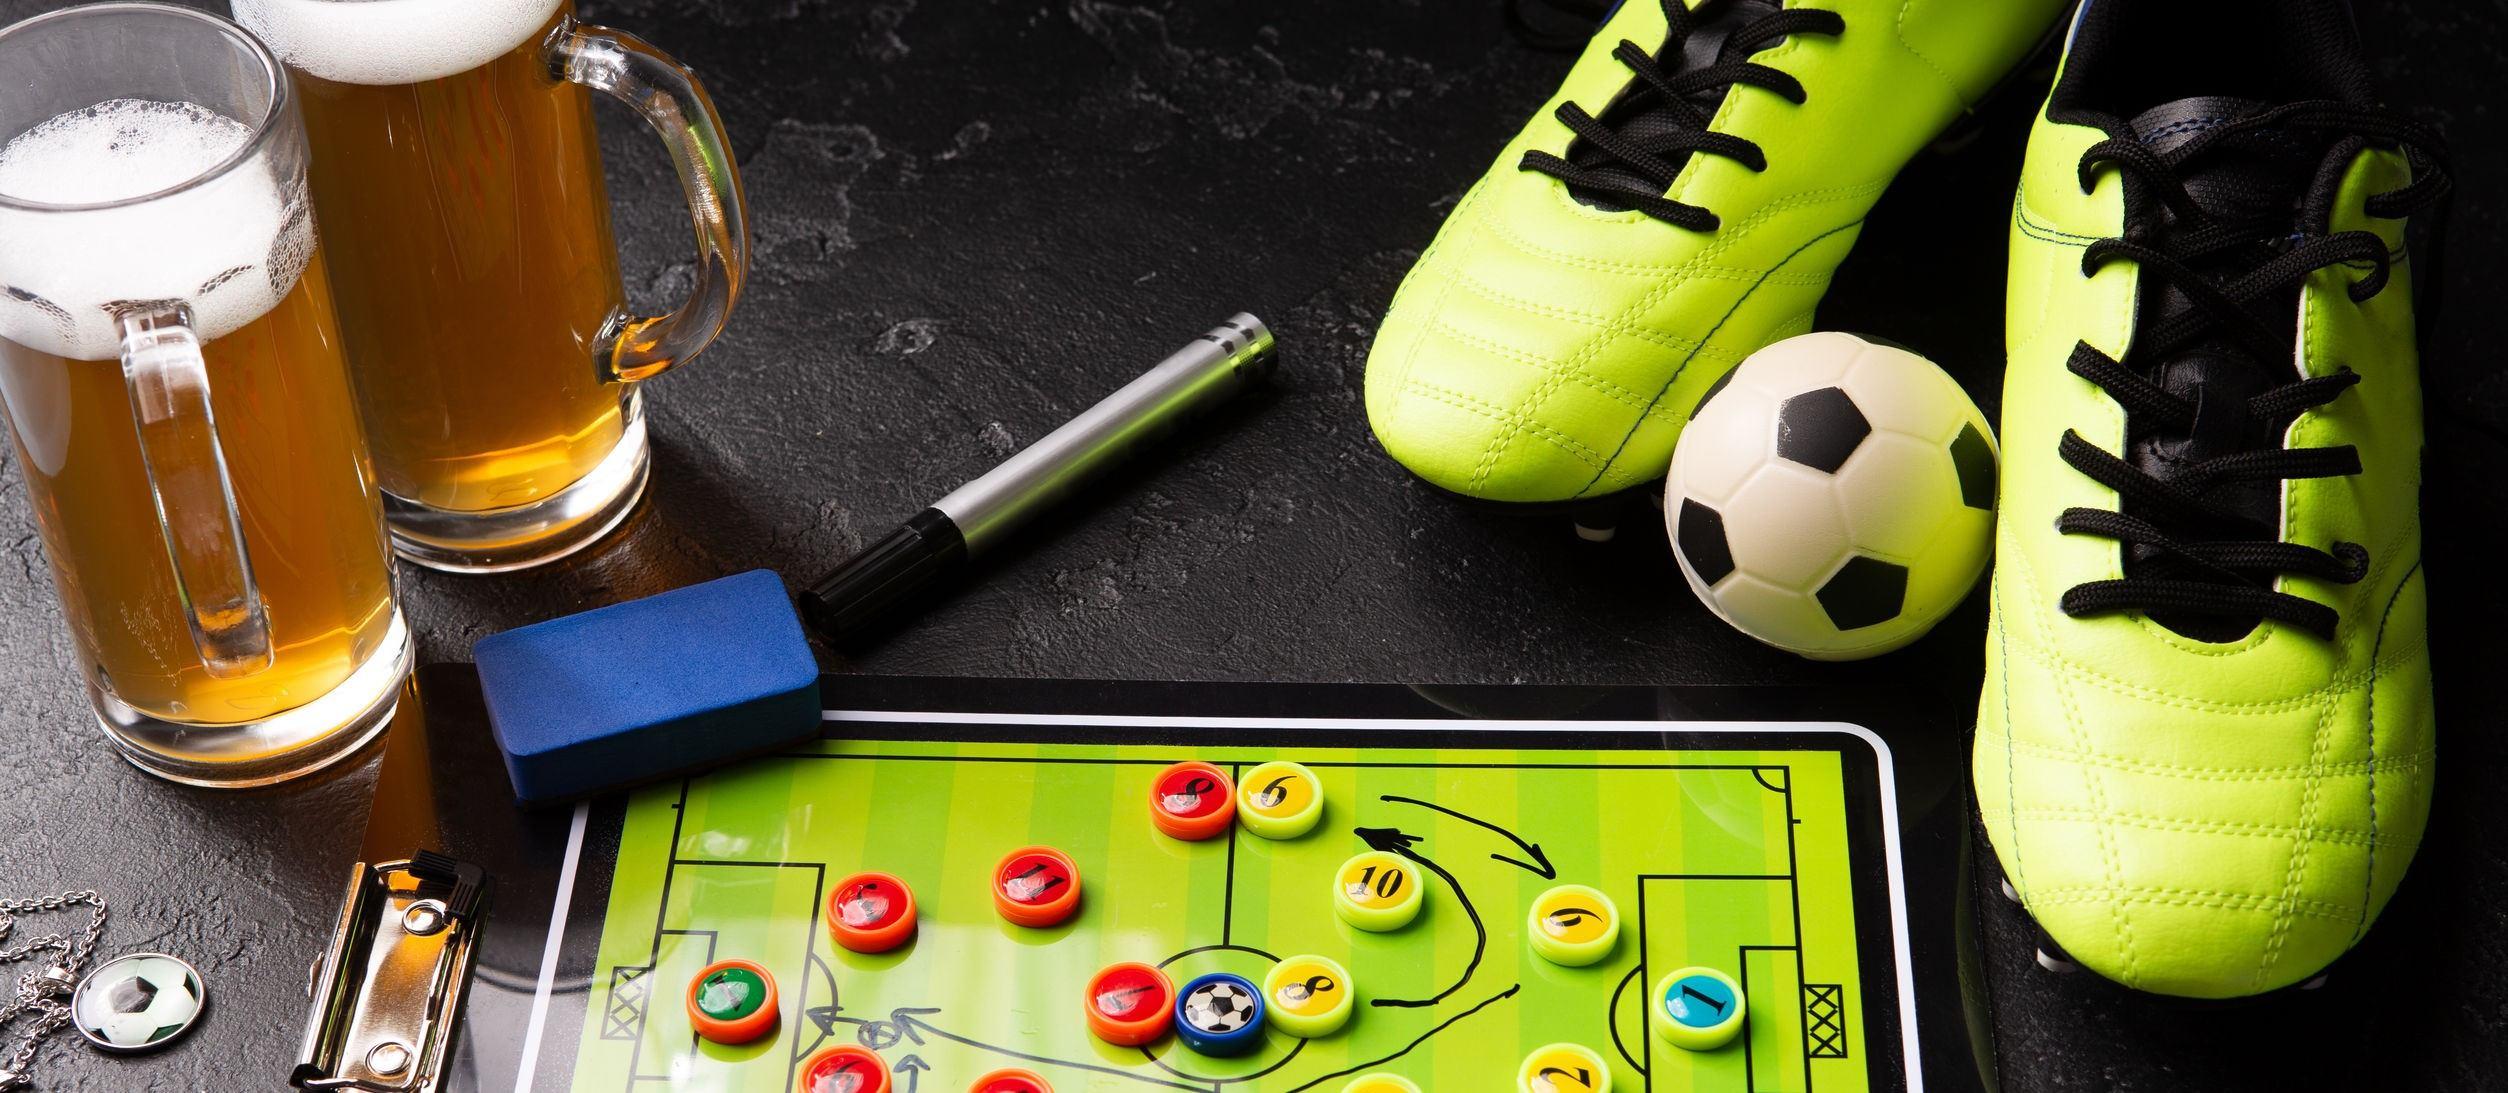 Photo de deux chopes de bière en mousse, d'un baby-foot, d'un ballon, de chaussures de football, d'un tuyau et d'un hochet sur une table noire.